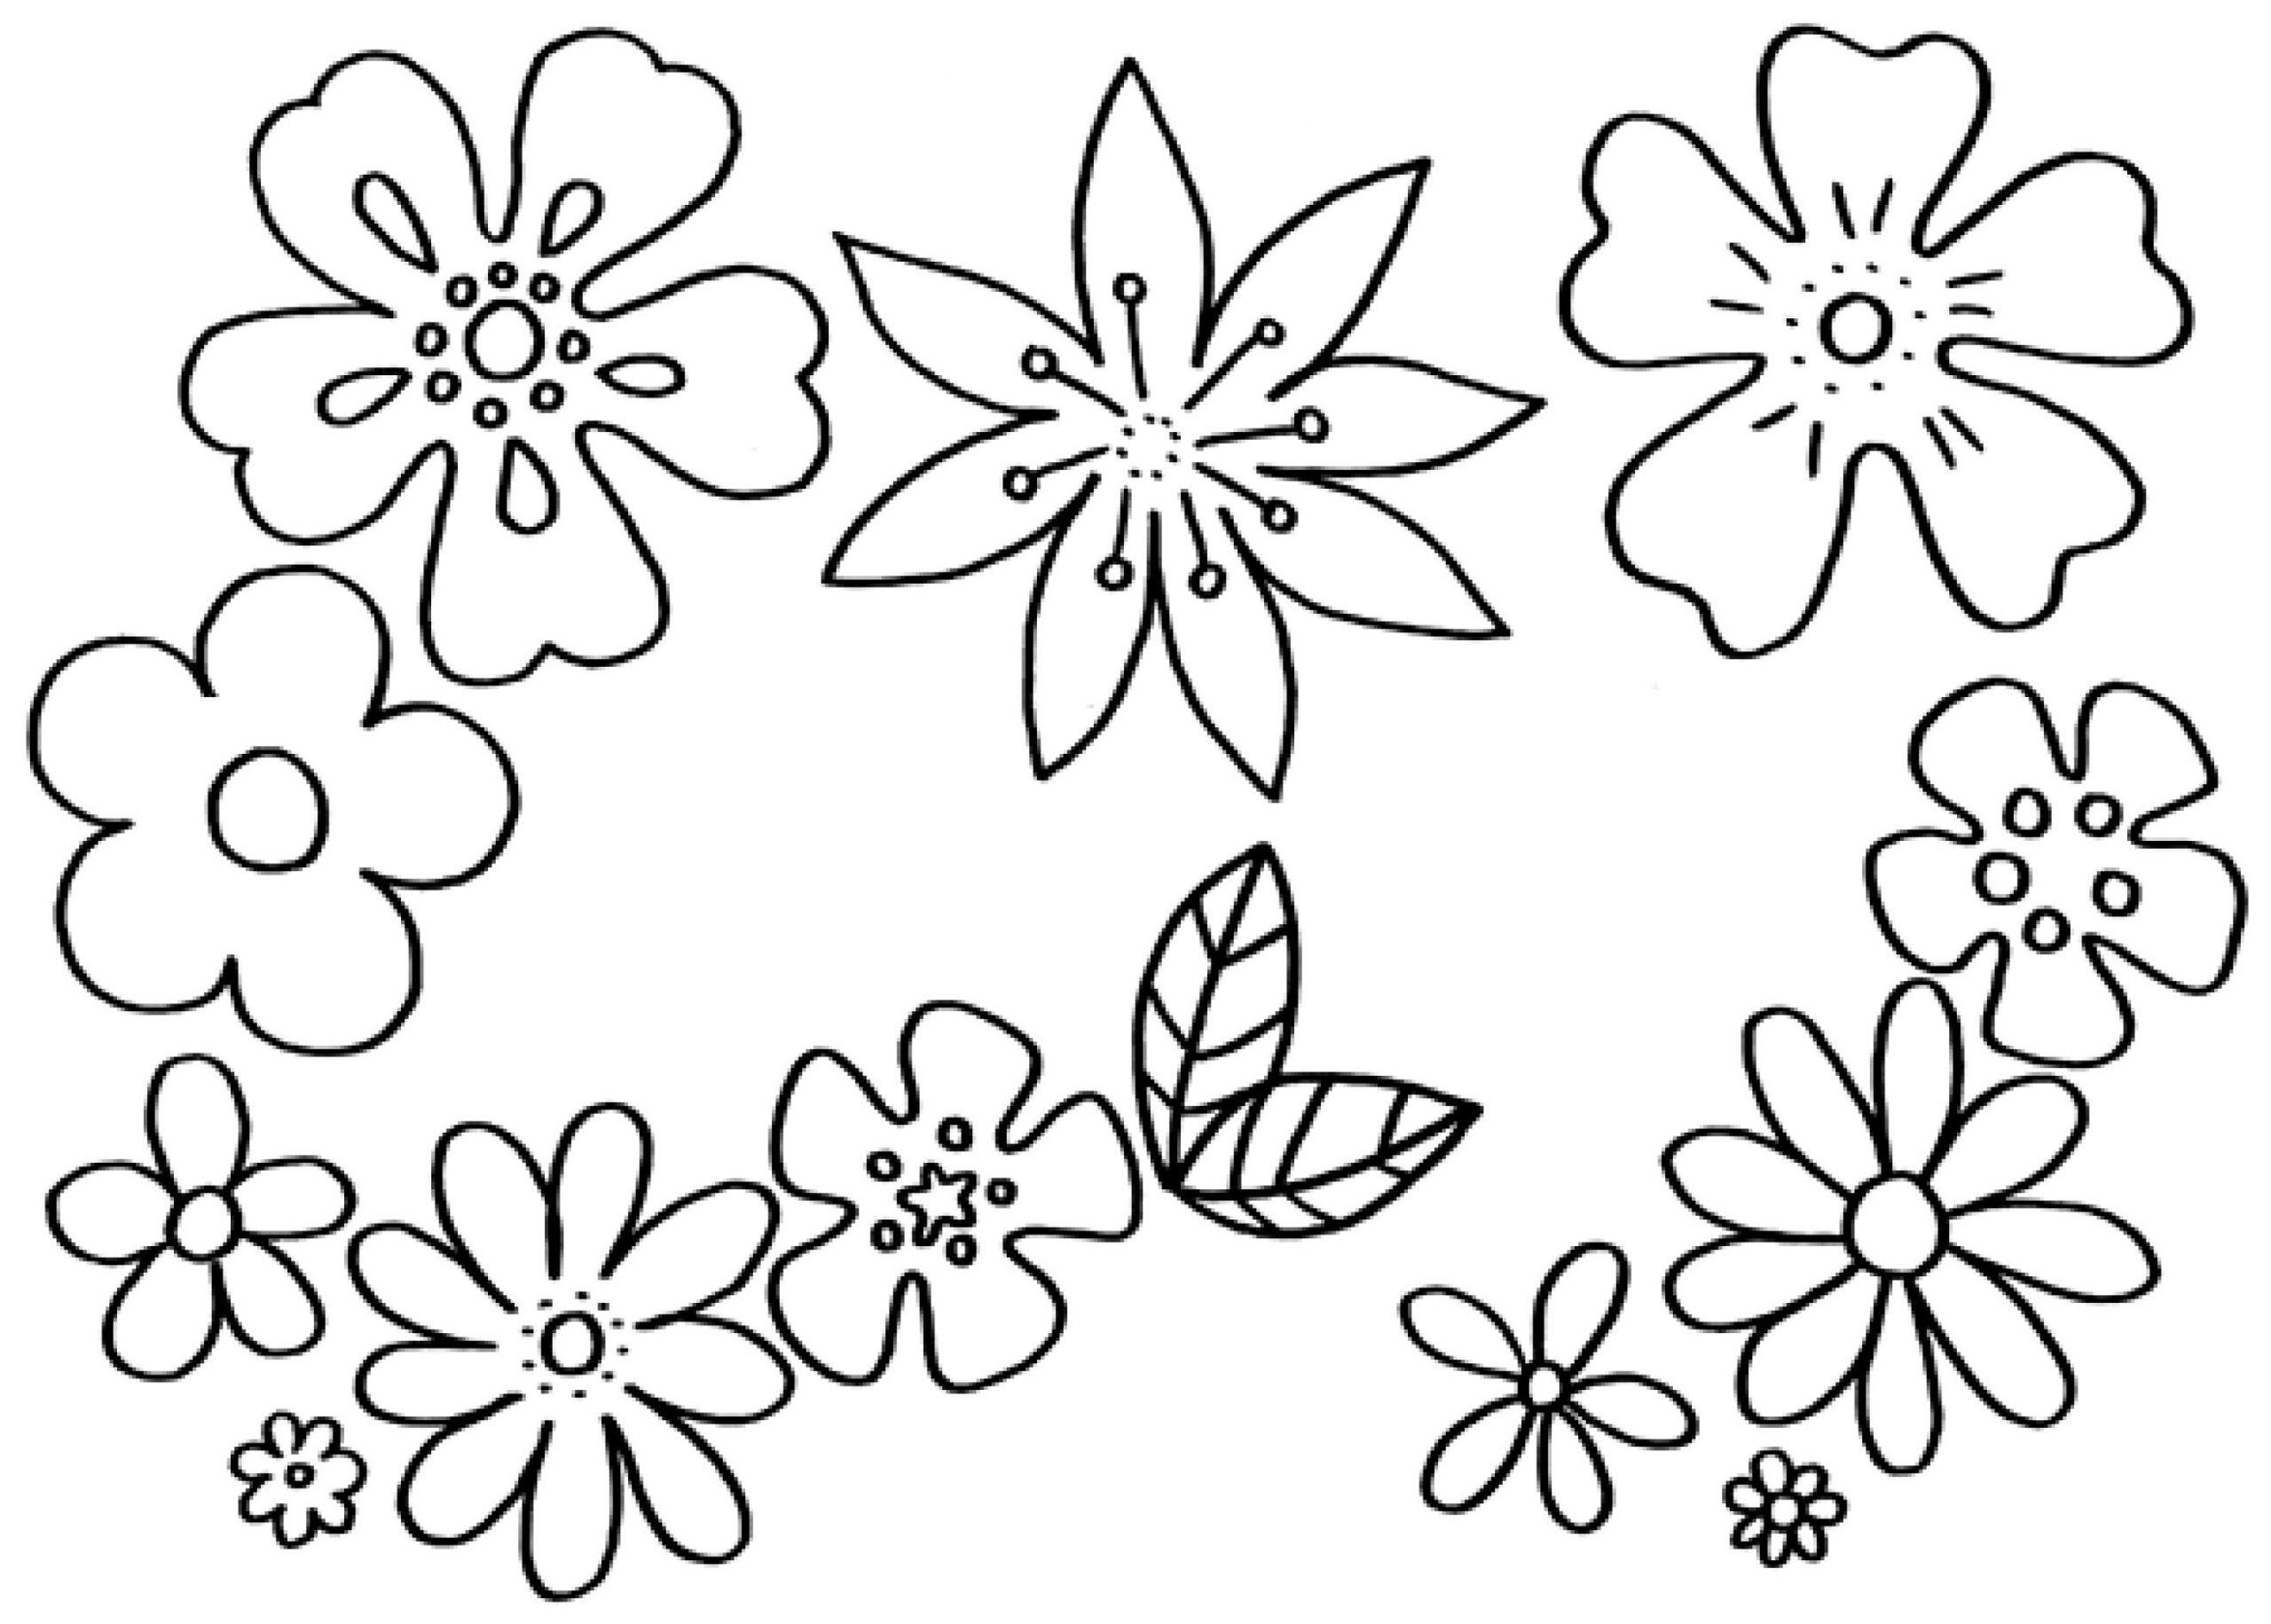 Malvorlagen Blumen - Kostenlose Ausmalbilder | Mytoys Blog mit Blumenbilder Zum Ausdrucken